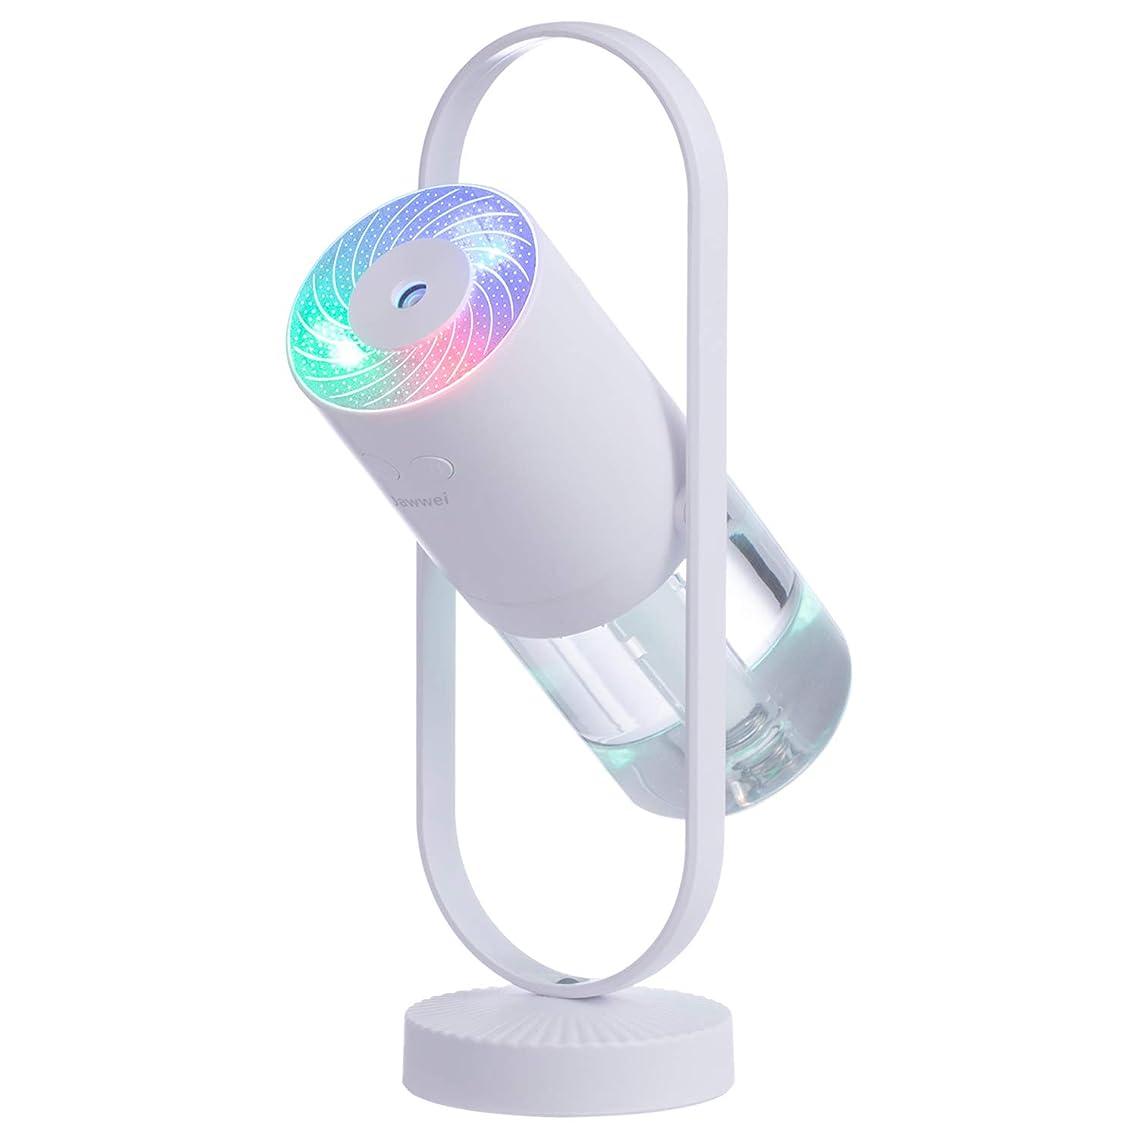 小石慰め補体Jawwei 加湿器 超音波式 持ち運び便利 ミニ加湿器 室内 車載用 USB給電 空気浄化機 七色LEDライト三つ綿棒付き